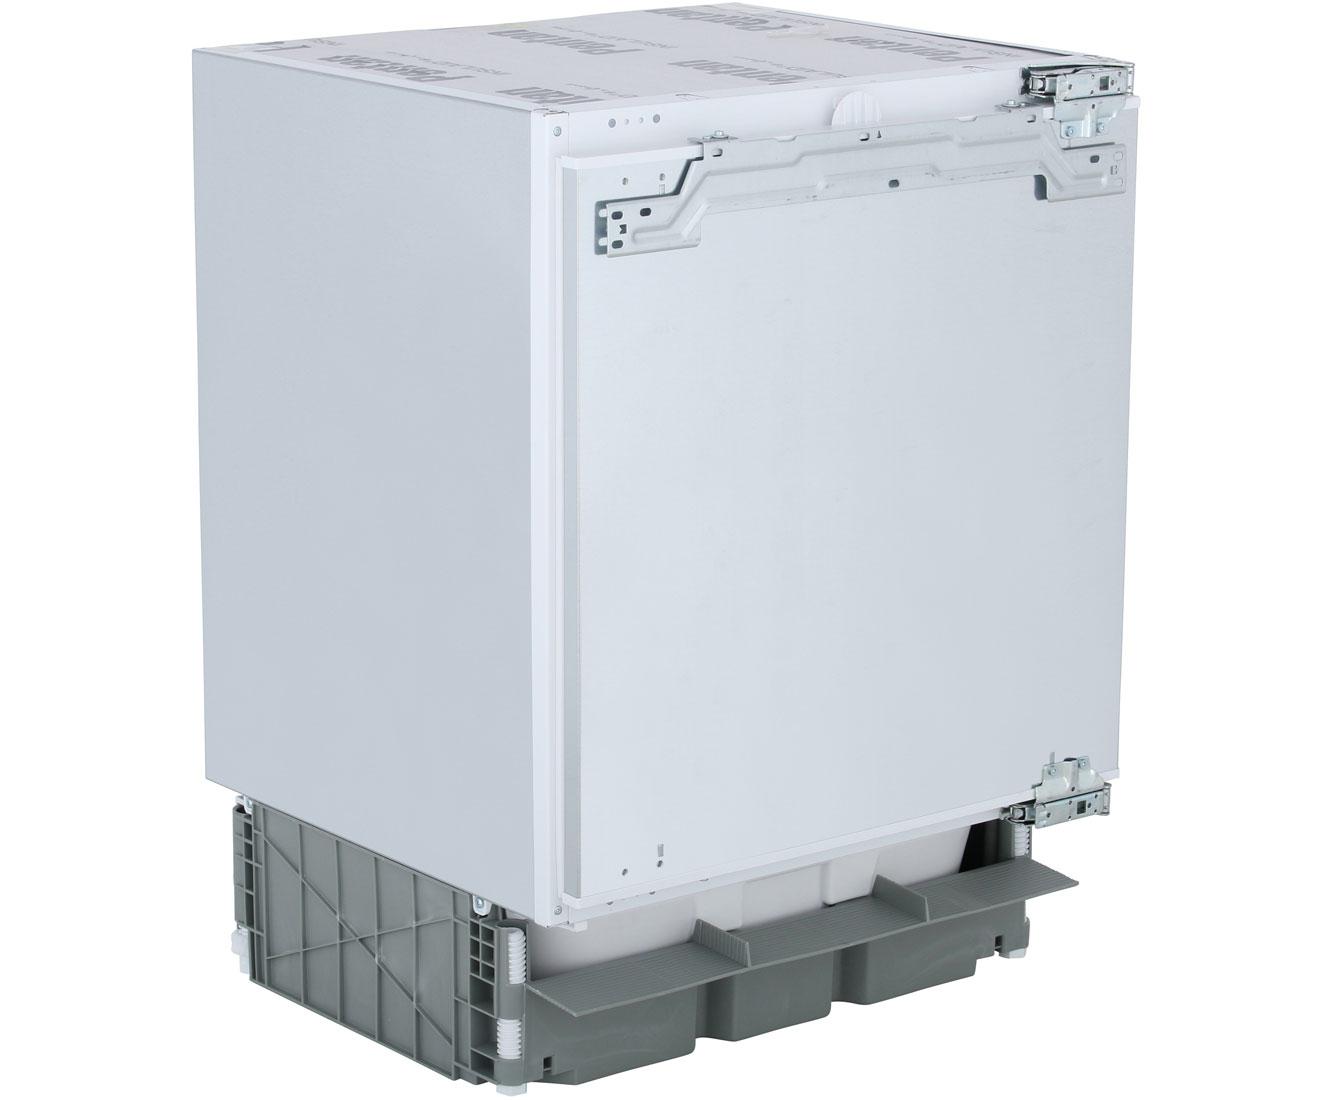 Bosch Kühlschrank 60 Jahre : Bosch kühlschrank möbel gebraucht kaufen ebay kleinanzeigen